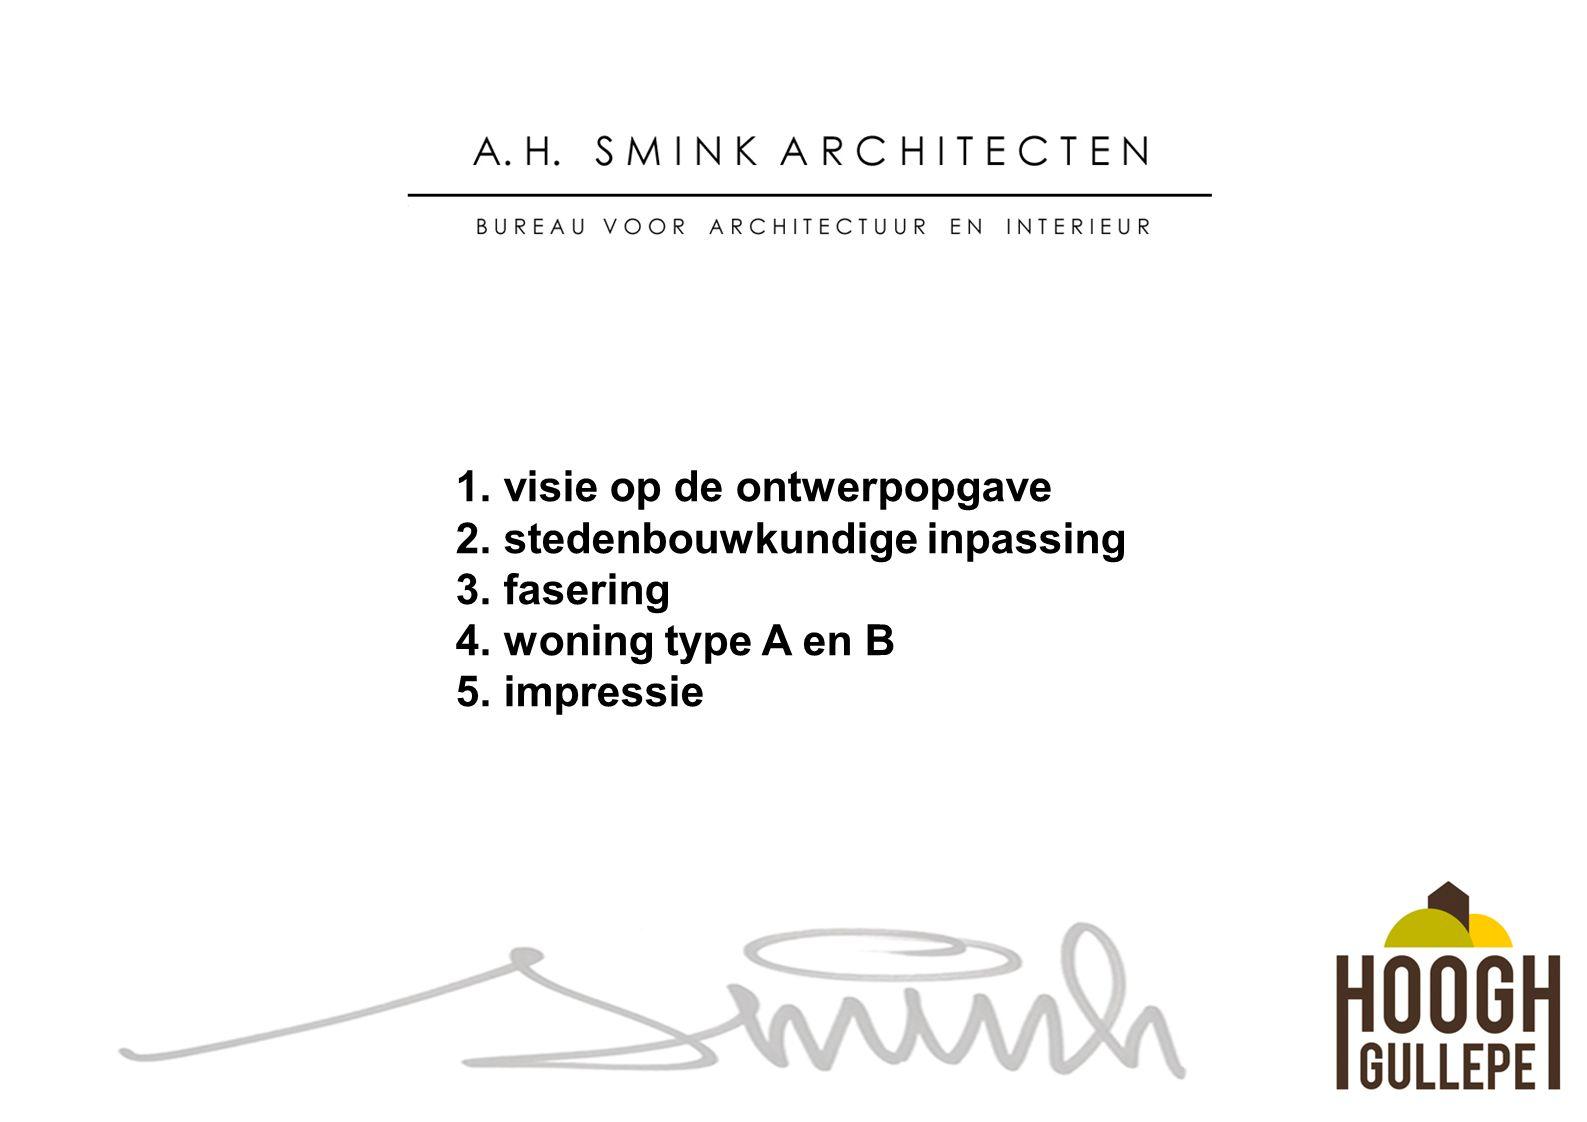 1. visie op de ontwerpopgave 2. stedenbouwkundige inpassing 3.